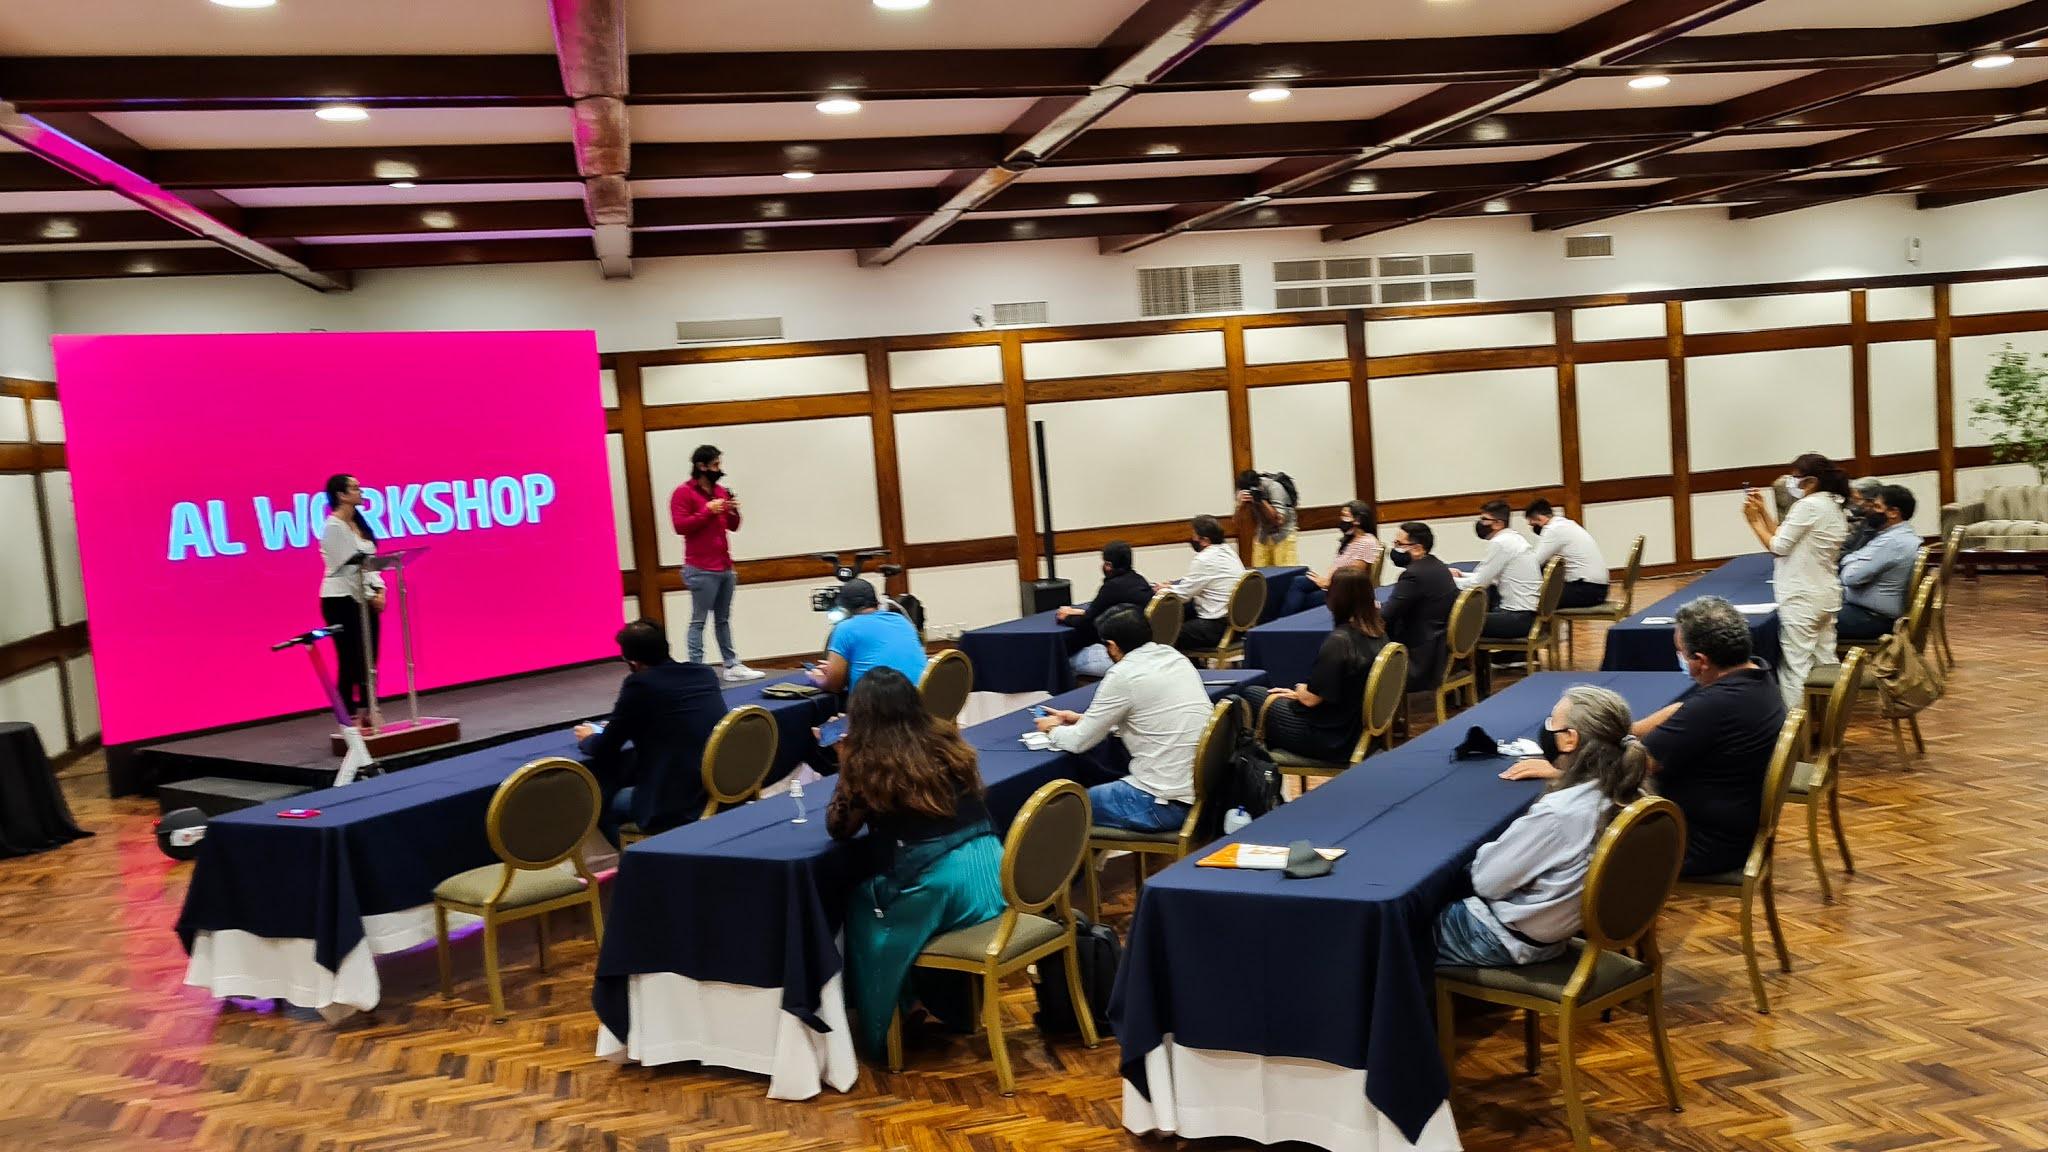 Ariel Revollo, CEO de MOBI; René Ojeda, BD Manager de Acton y Former CEO de Mobike, y Nico Marchant, Regional Manager de Invers, brindaron un Workshop a activistas, académicos y personas relacionadas al mundo tecnológico / SOUZAINFANTAS